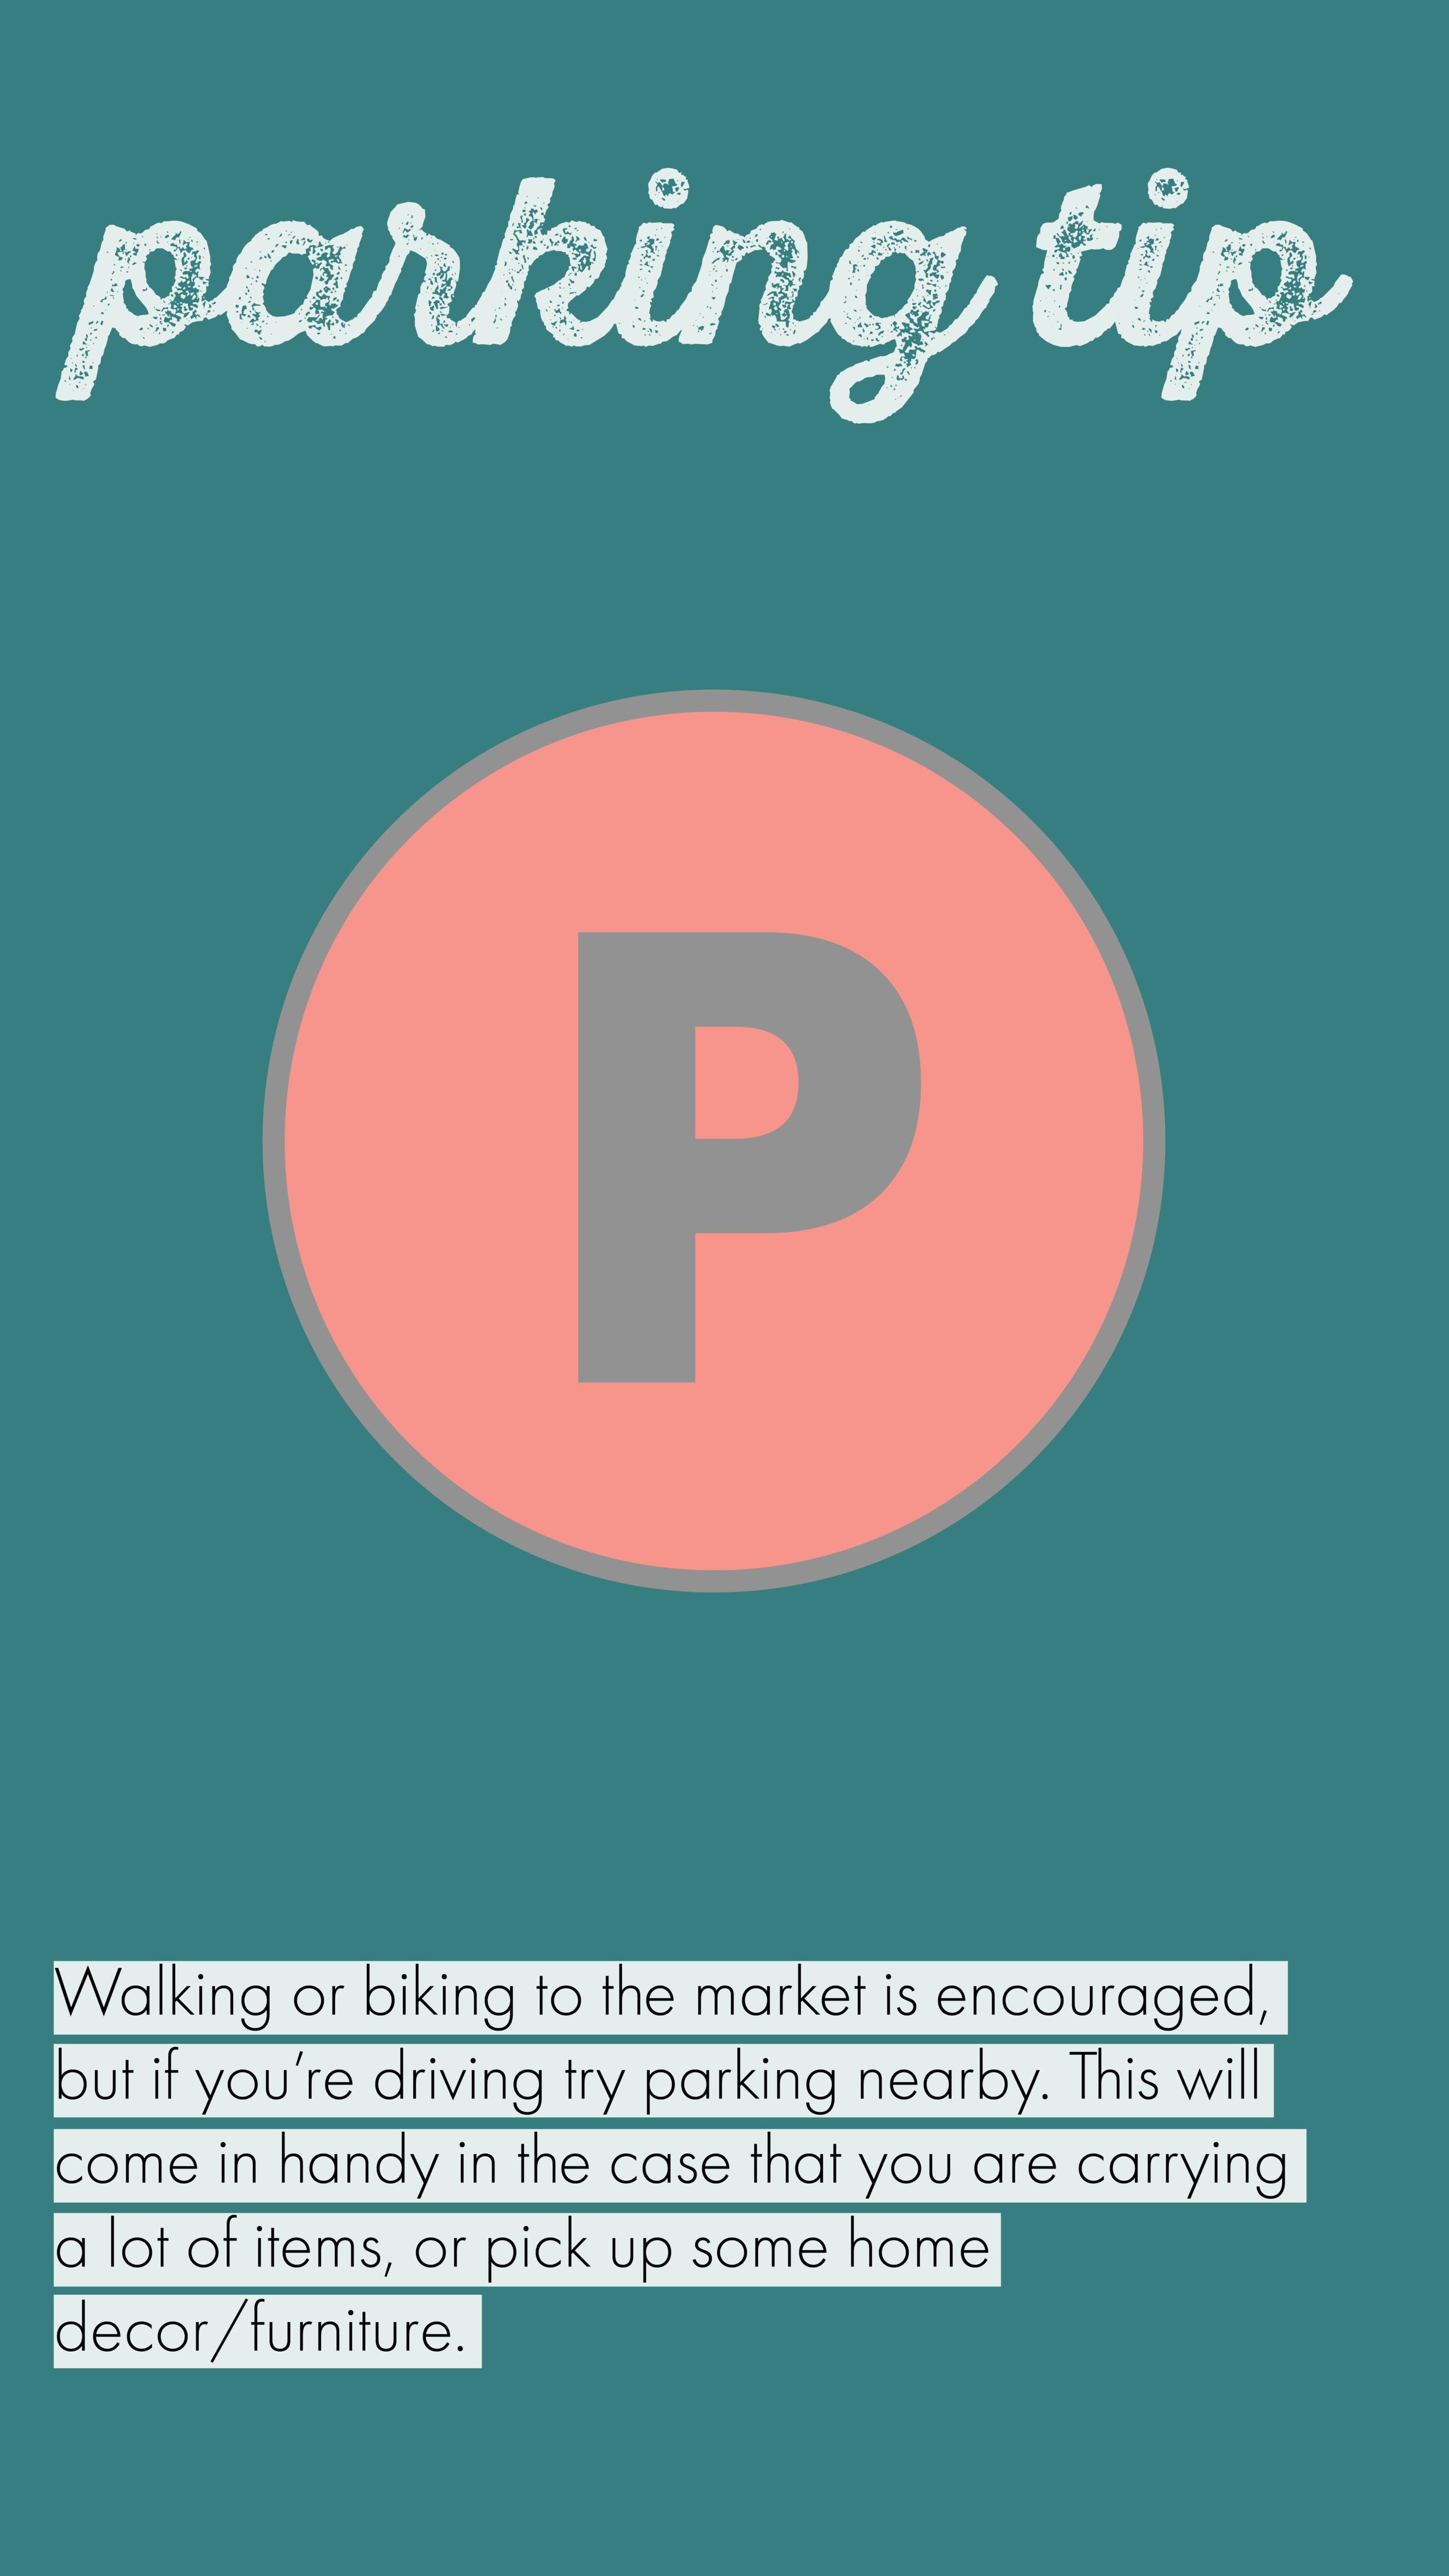 mpls_vintage_market_guide-06.png